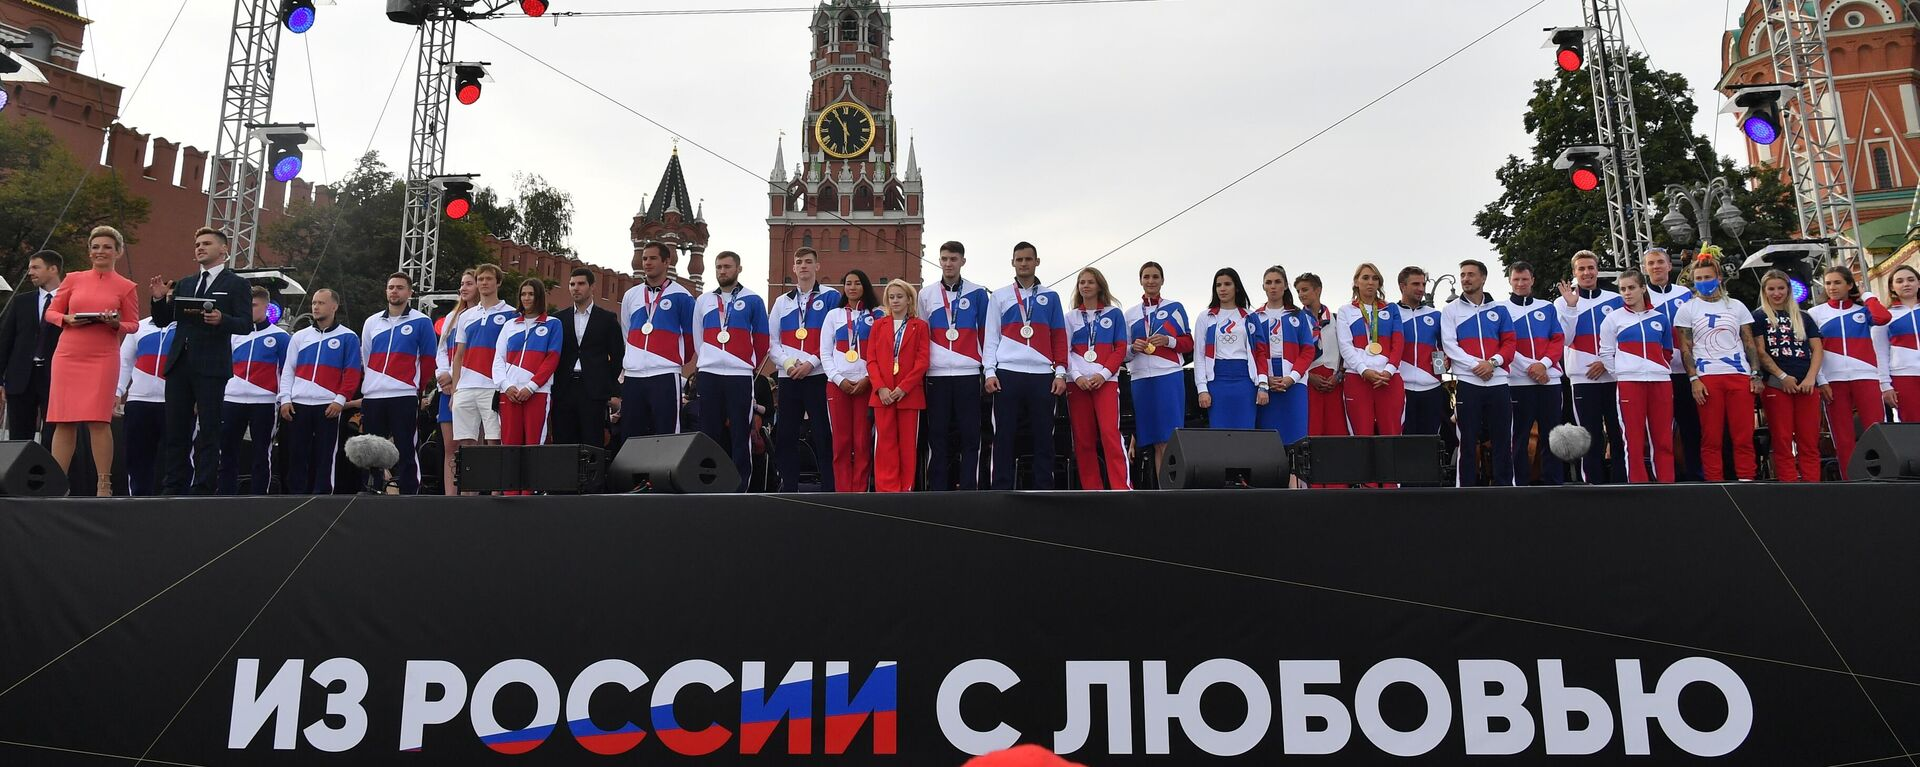 Руски олимпијци дочекани као хероји на Црвеном тргу - Sputnik Србија, 1920, 11.09.2021